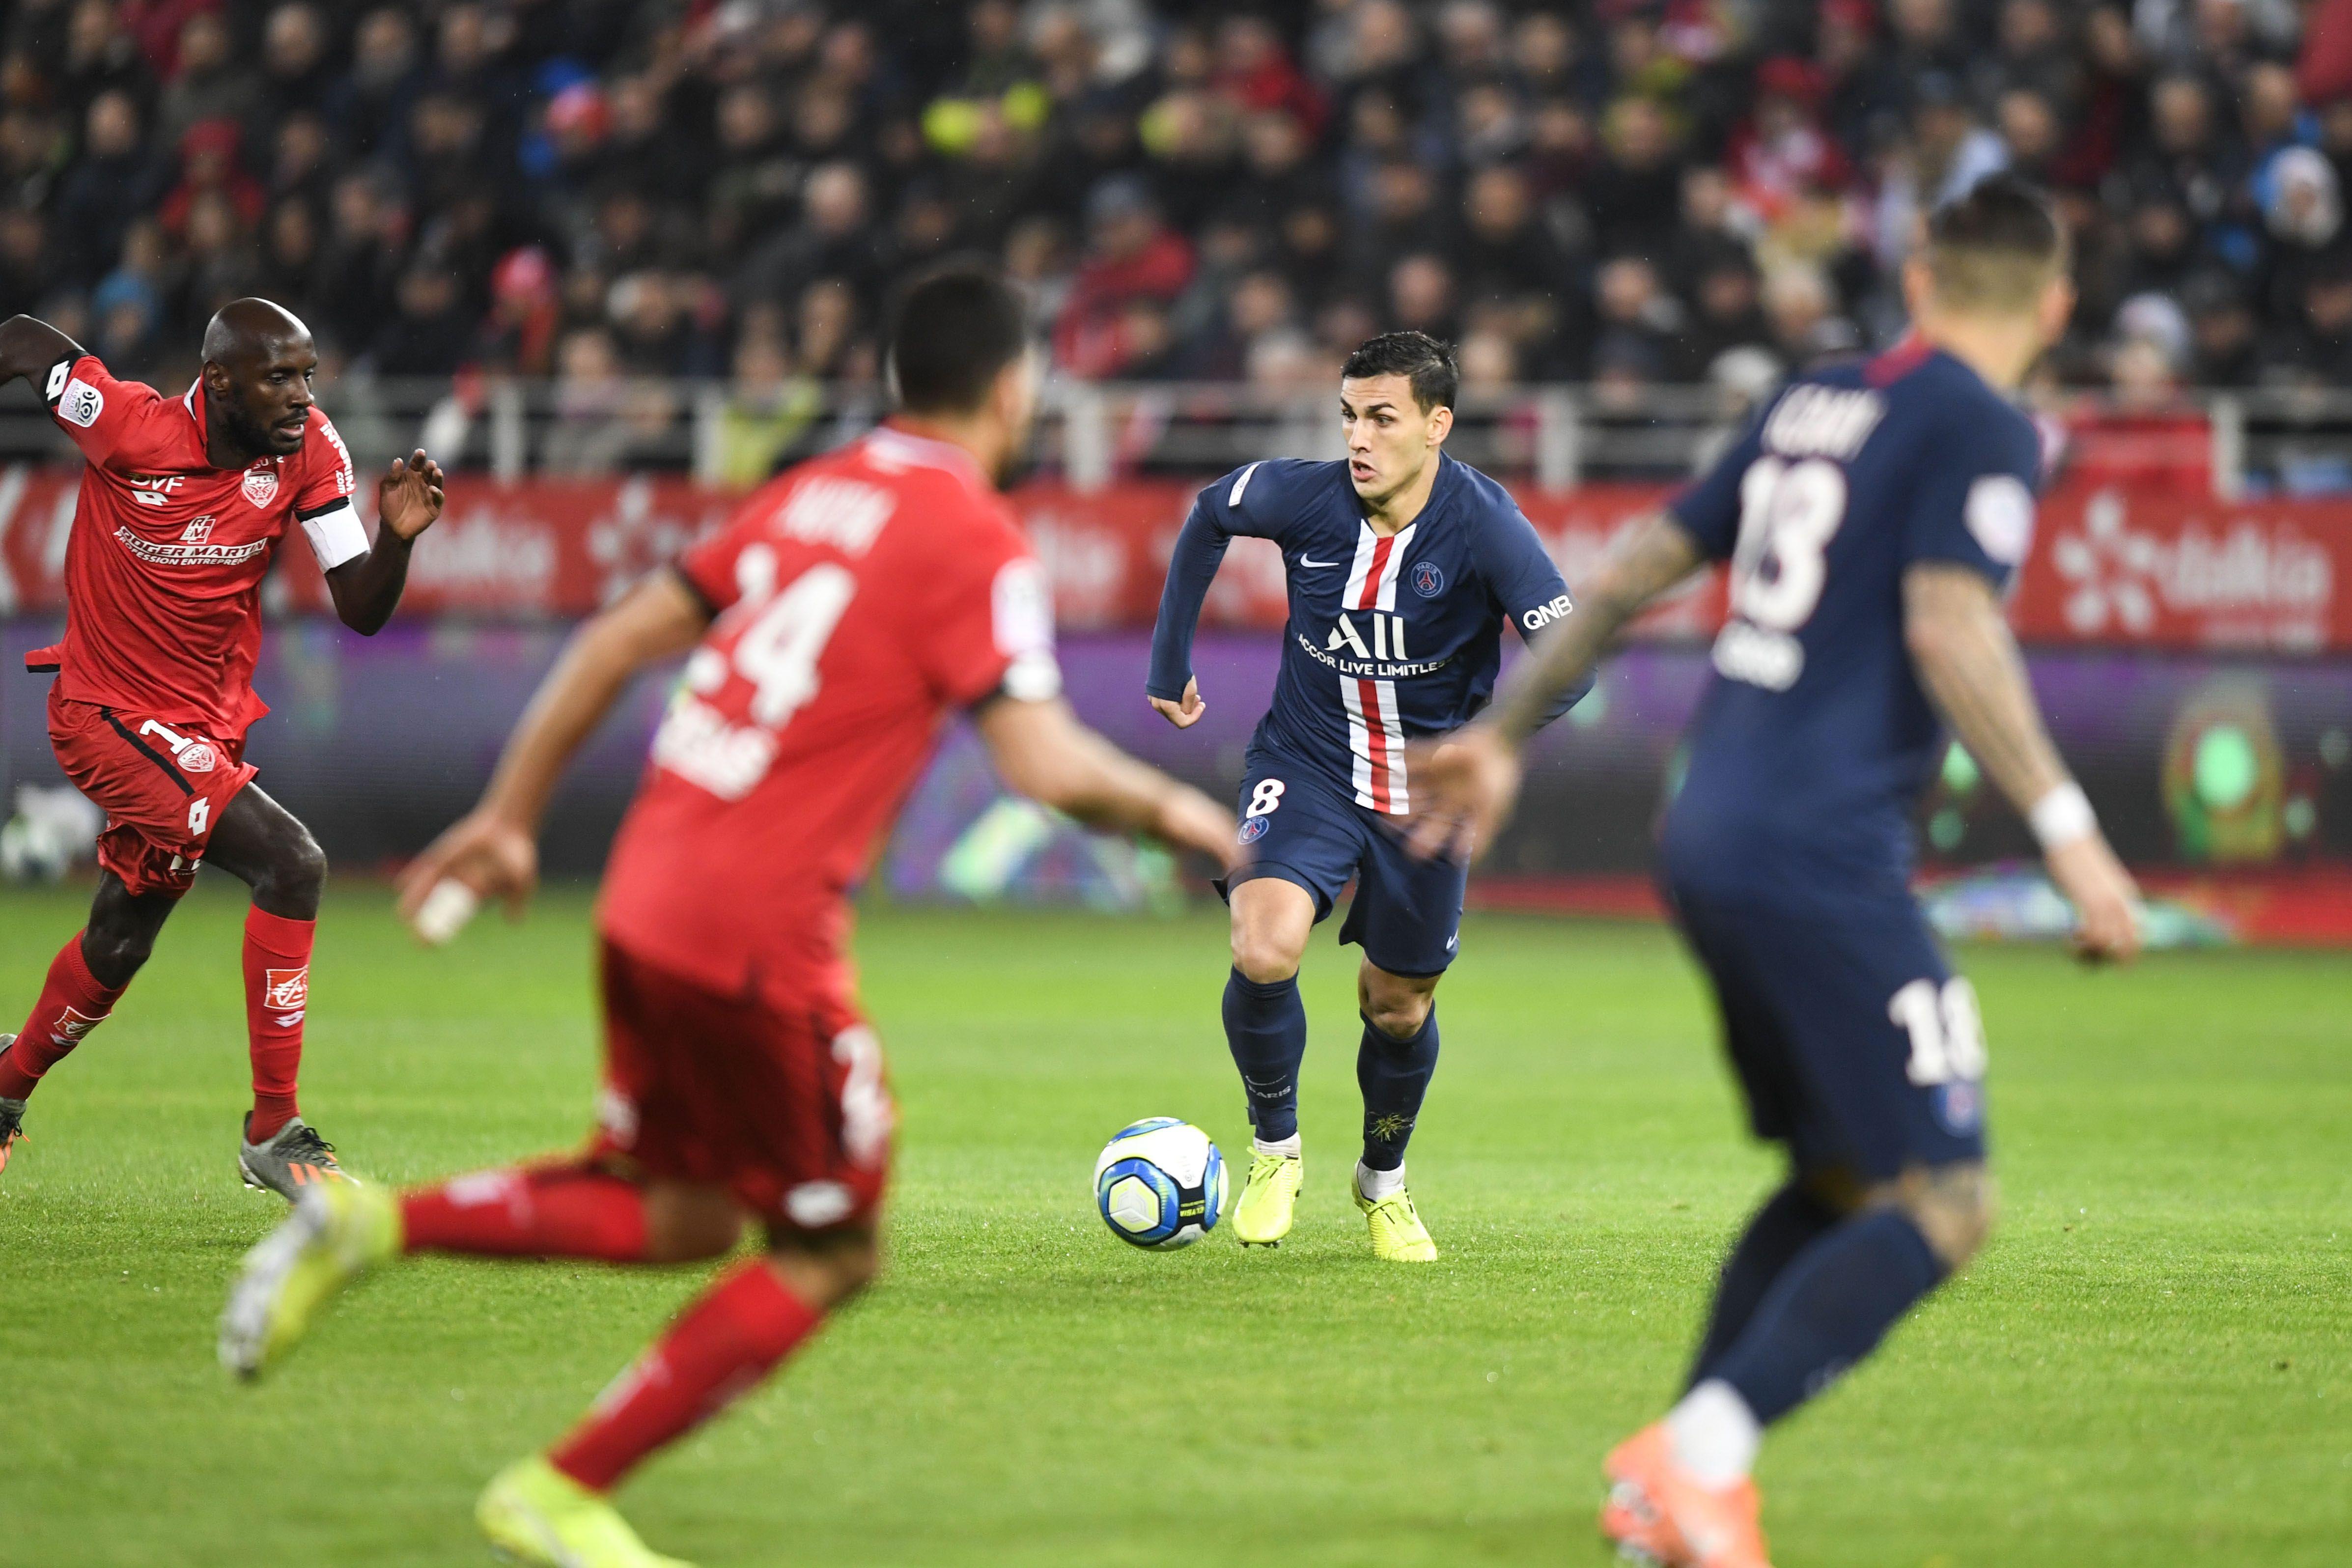 Football - Coupe de France - Coupe de France : Nice ou Lyon face à l'OM en quarts, Paris ira à Dijon